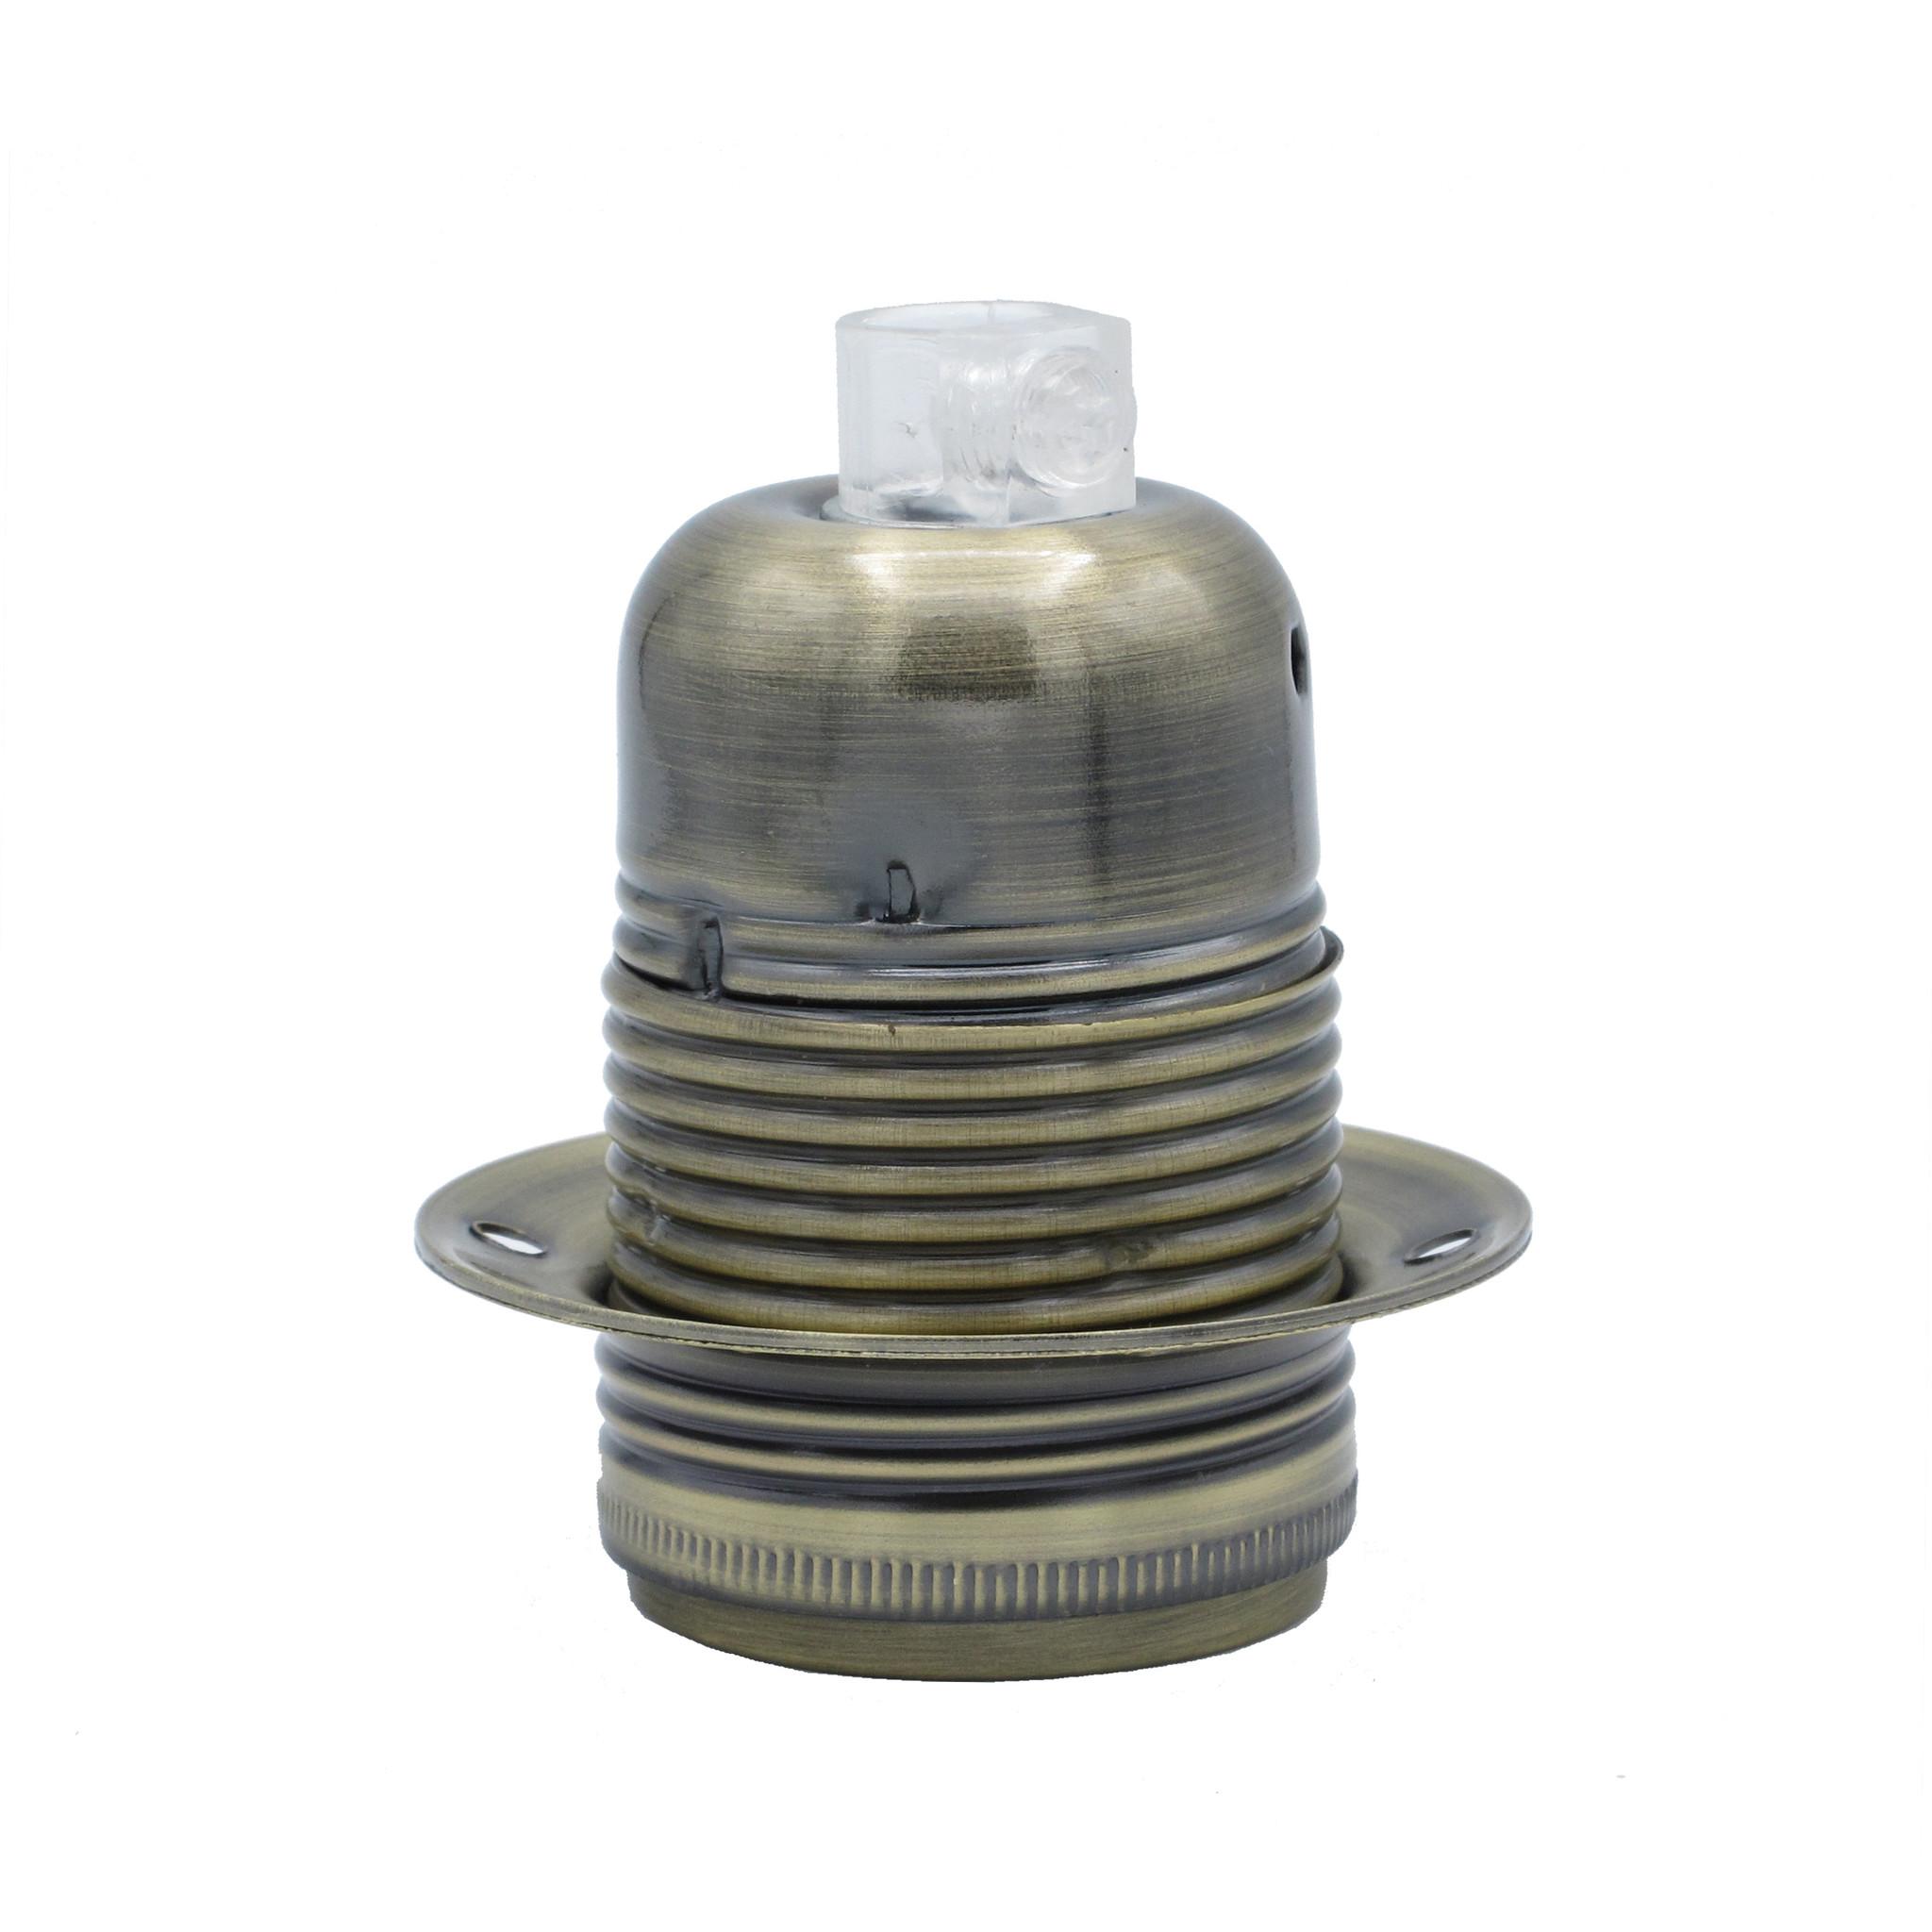 Lampenfassung E27 Metallfassung Aussengewinde Nickel Silber Vintage Retro Antik